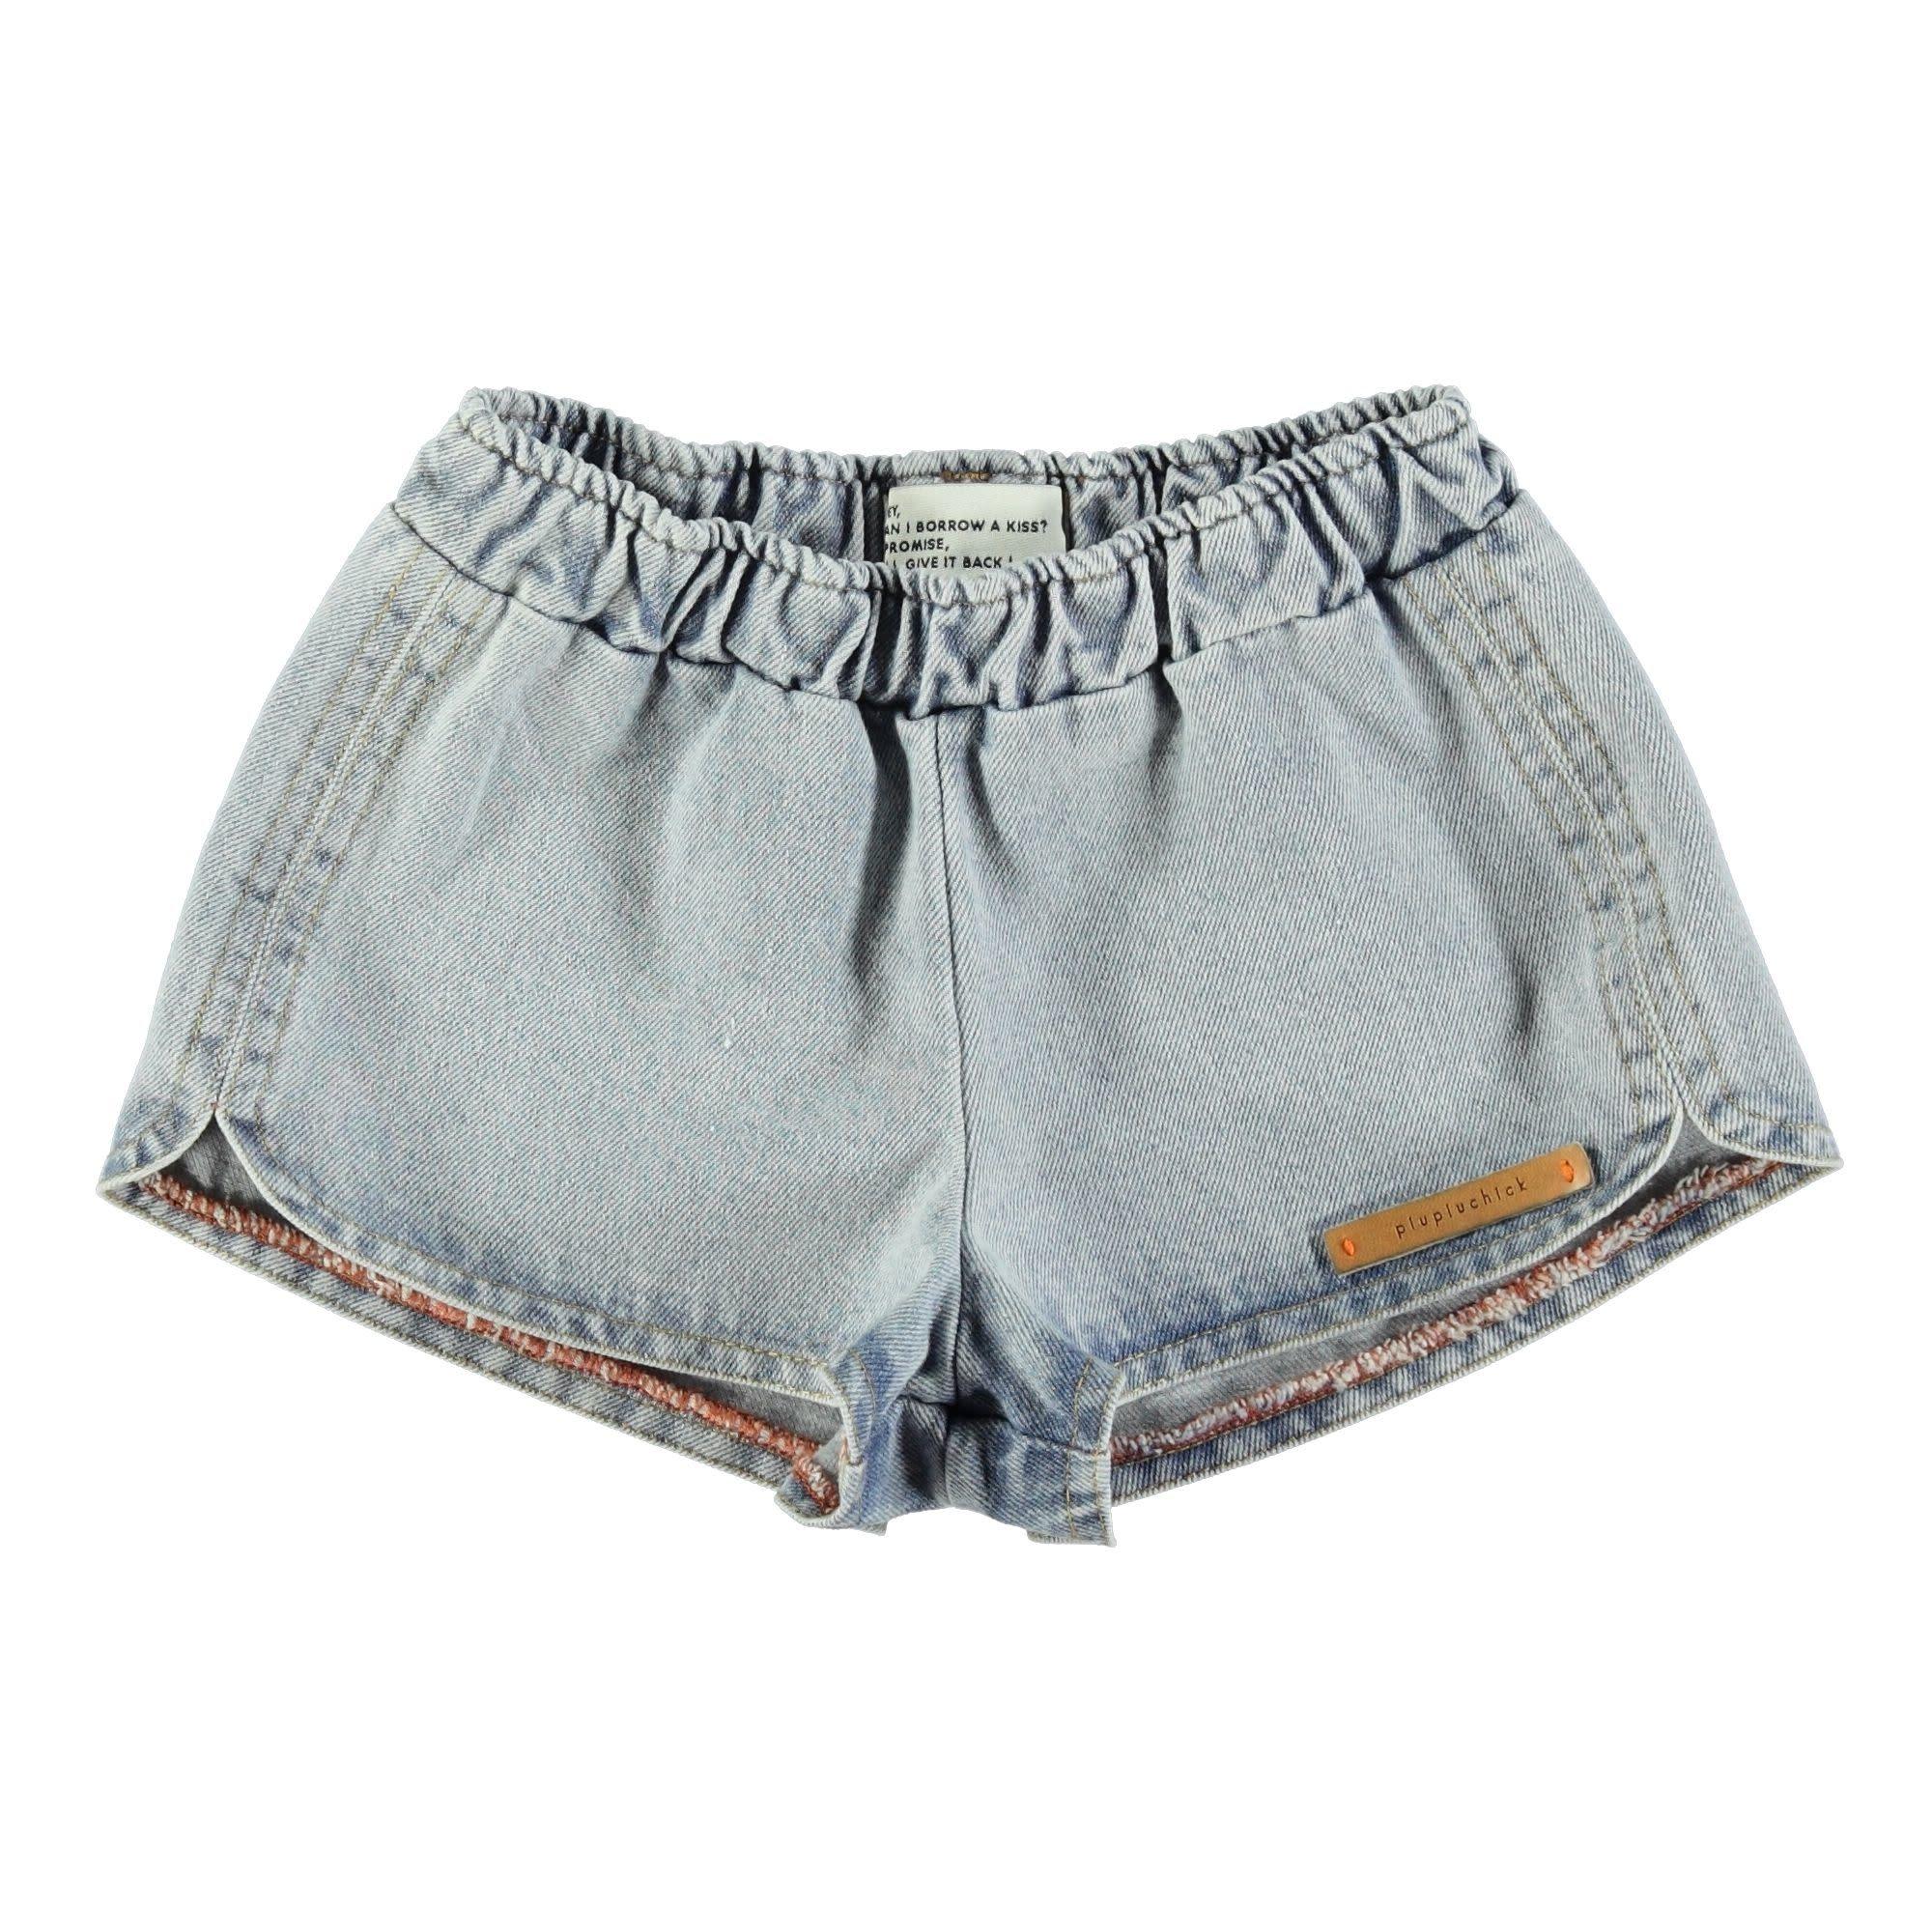 Piupiuchick Piupiuchick - Runner shorts washed blue jeans